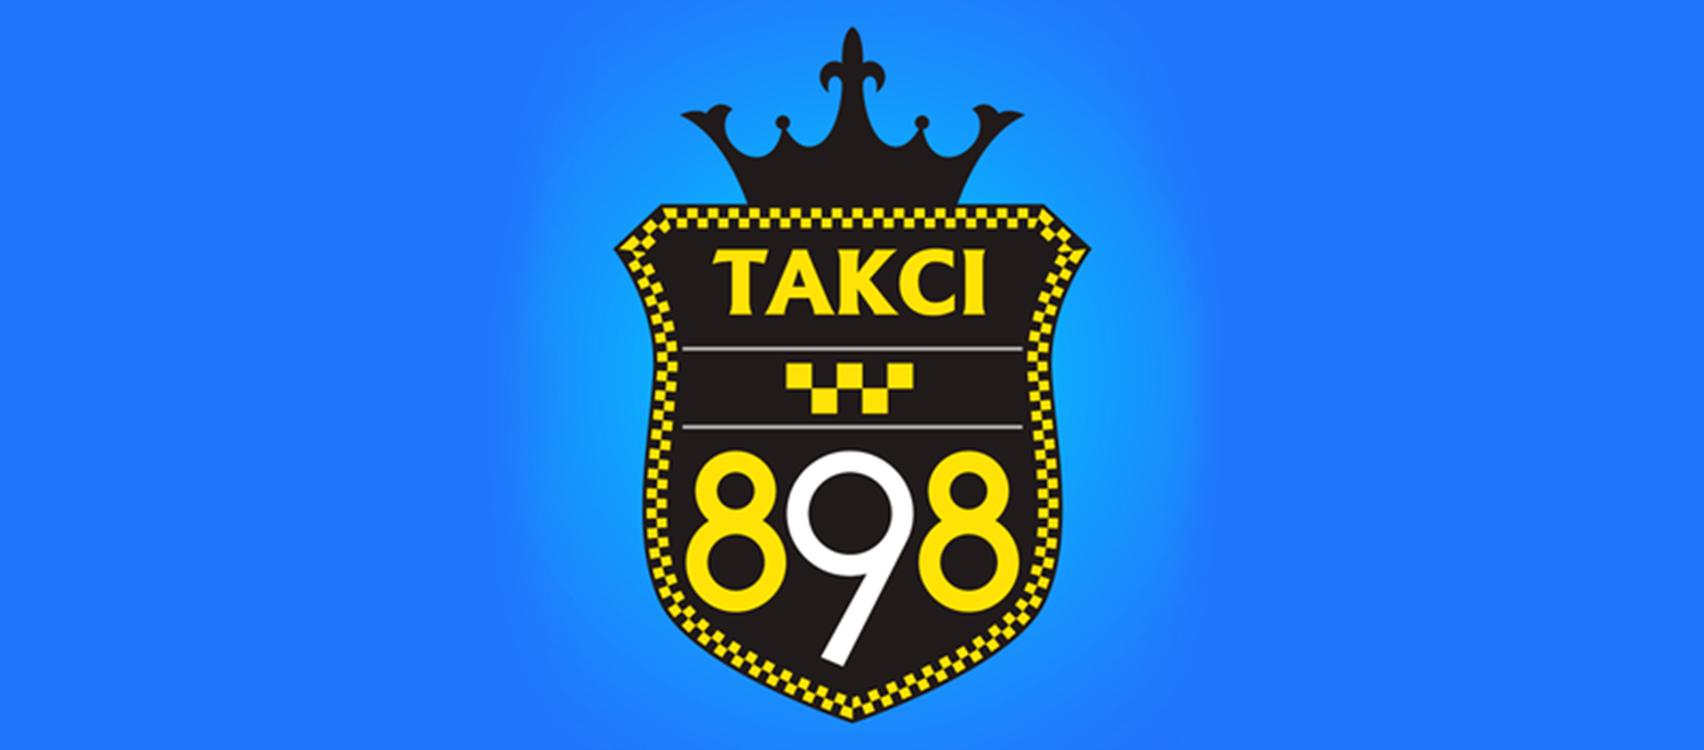 Таксі 898  (Харків)